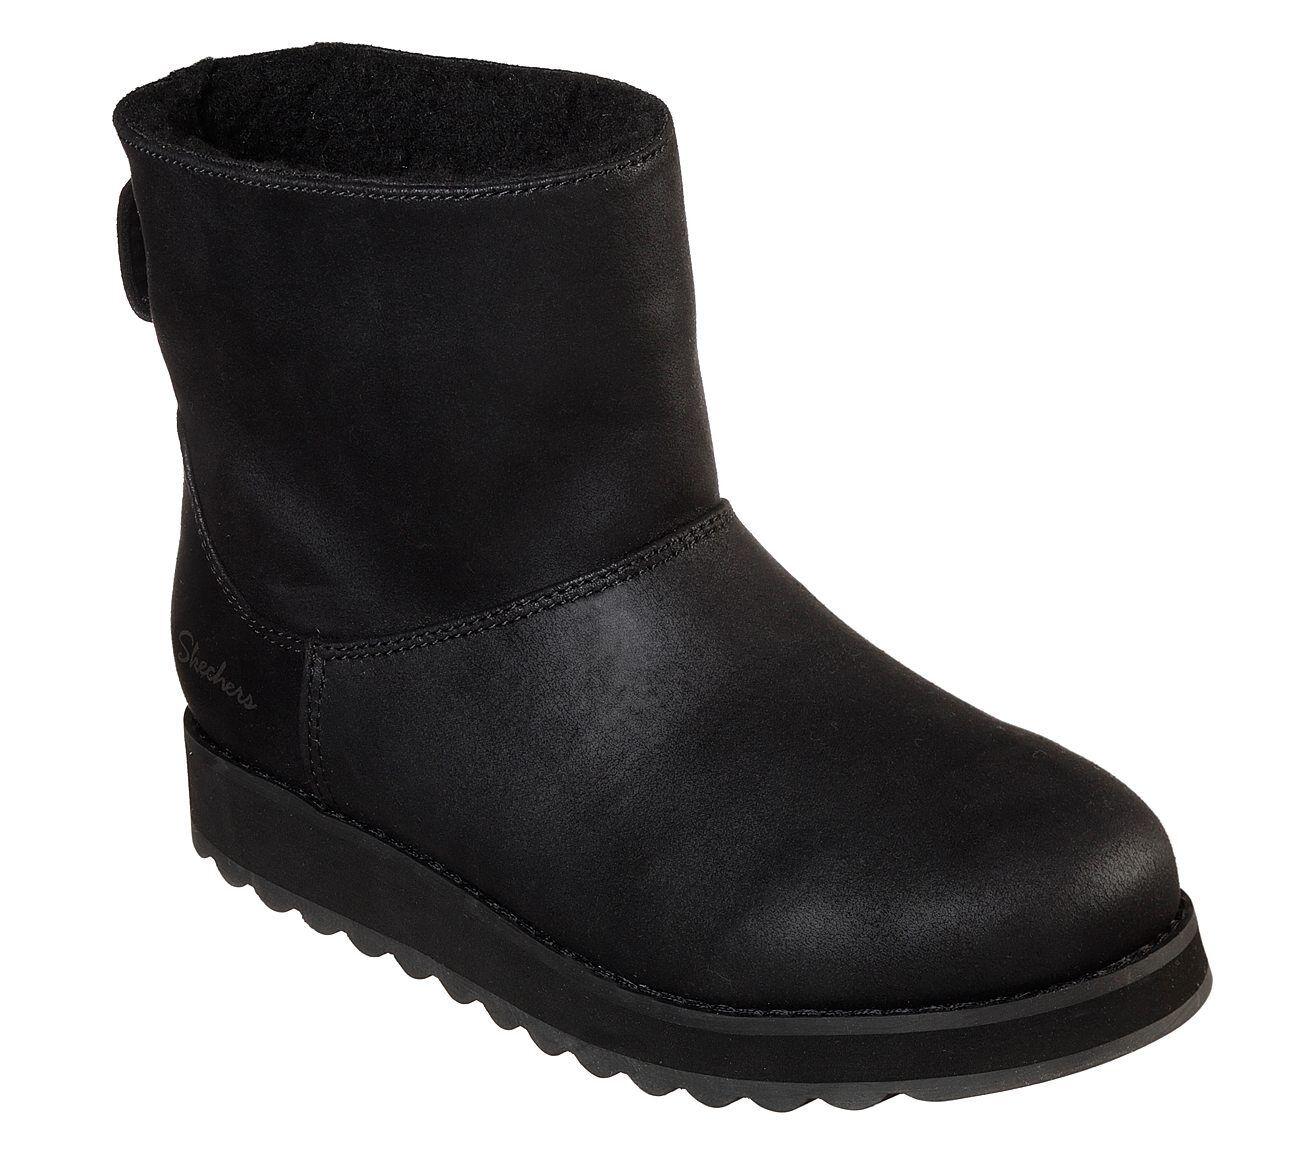 Skechers Keepsakes 2.0 - Cloud Cloud Cloud Peak Stiefel Damen Gefüttert Memory Foam Schuhe  | Starker Wert  e398ce